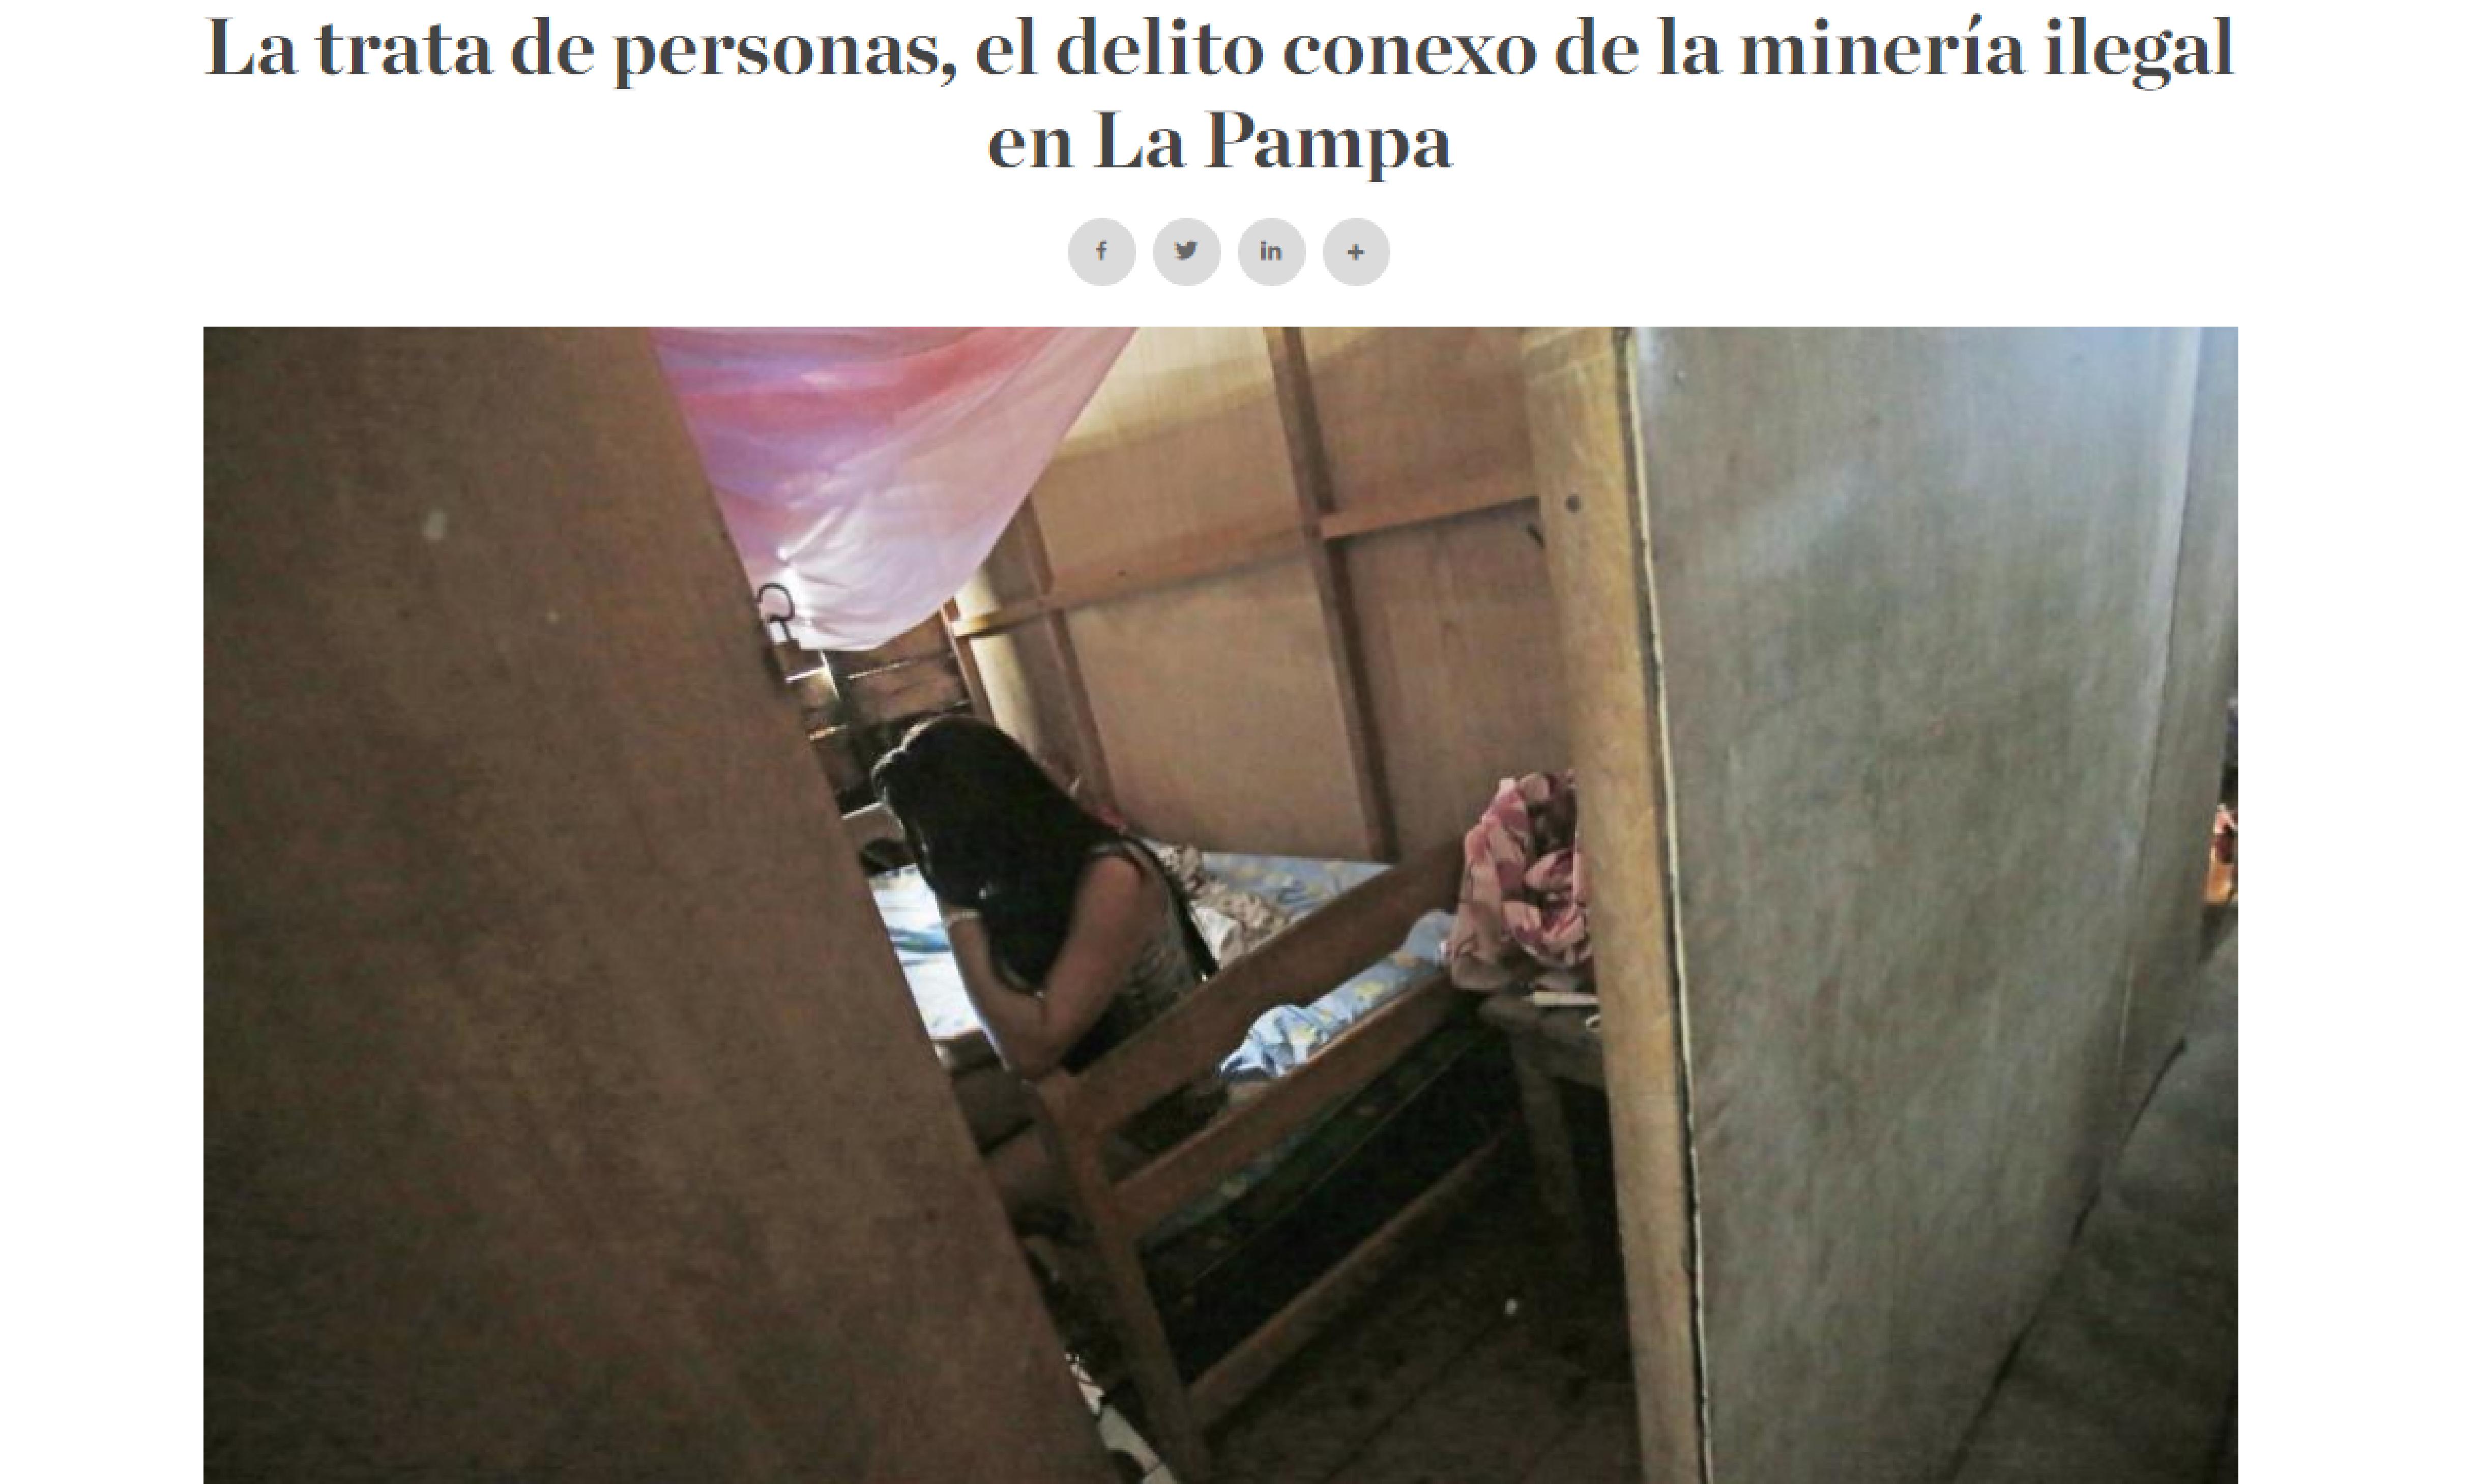 La trata de personas, el delito conexo de la minería ilegal en La Pampa